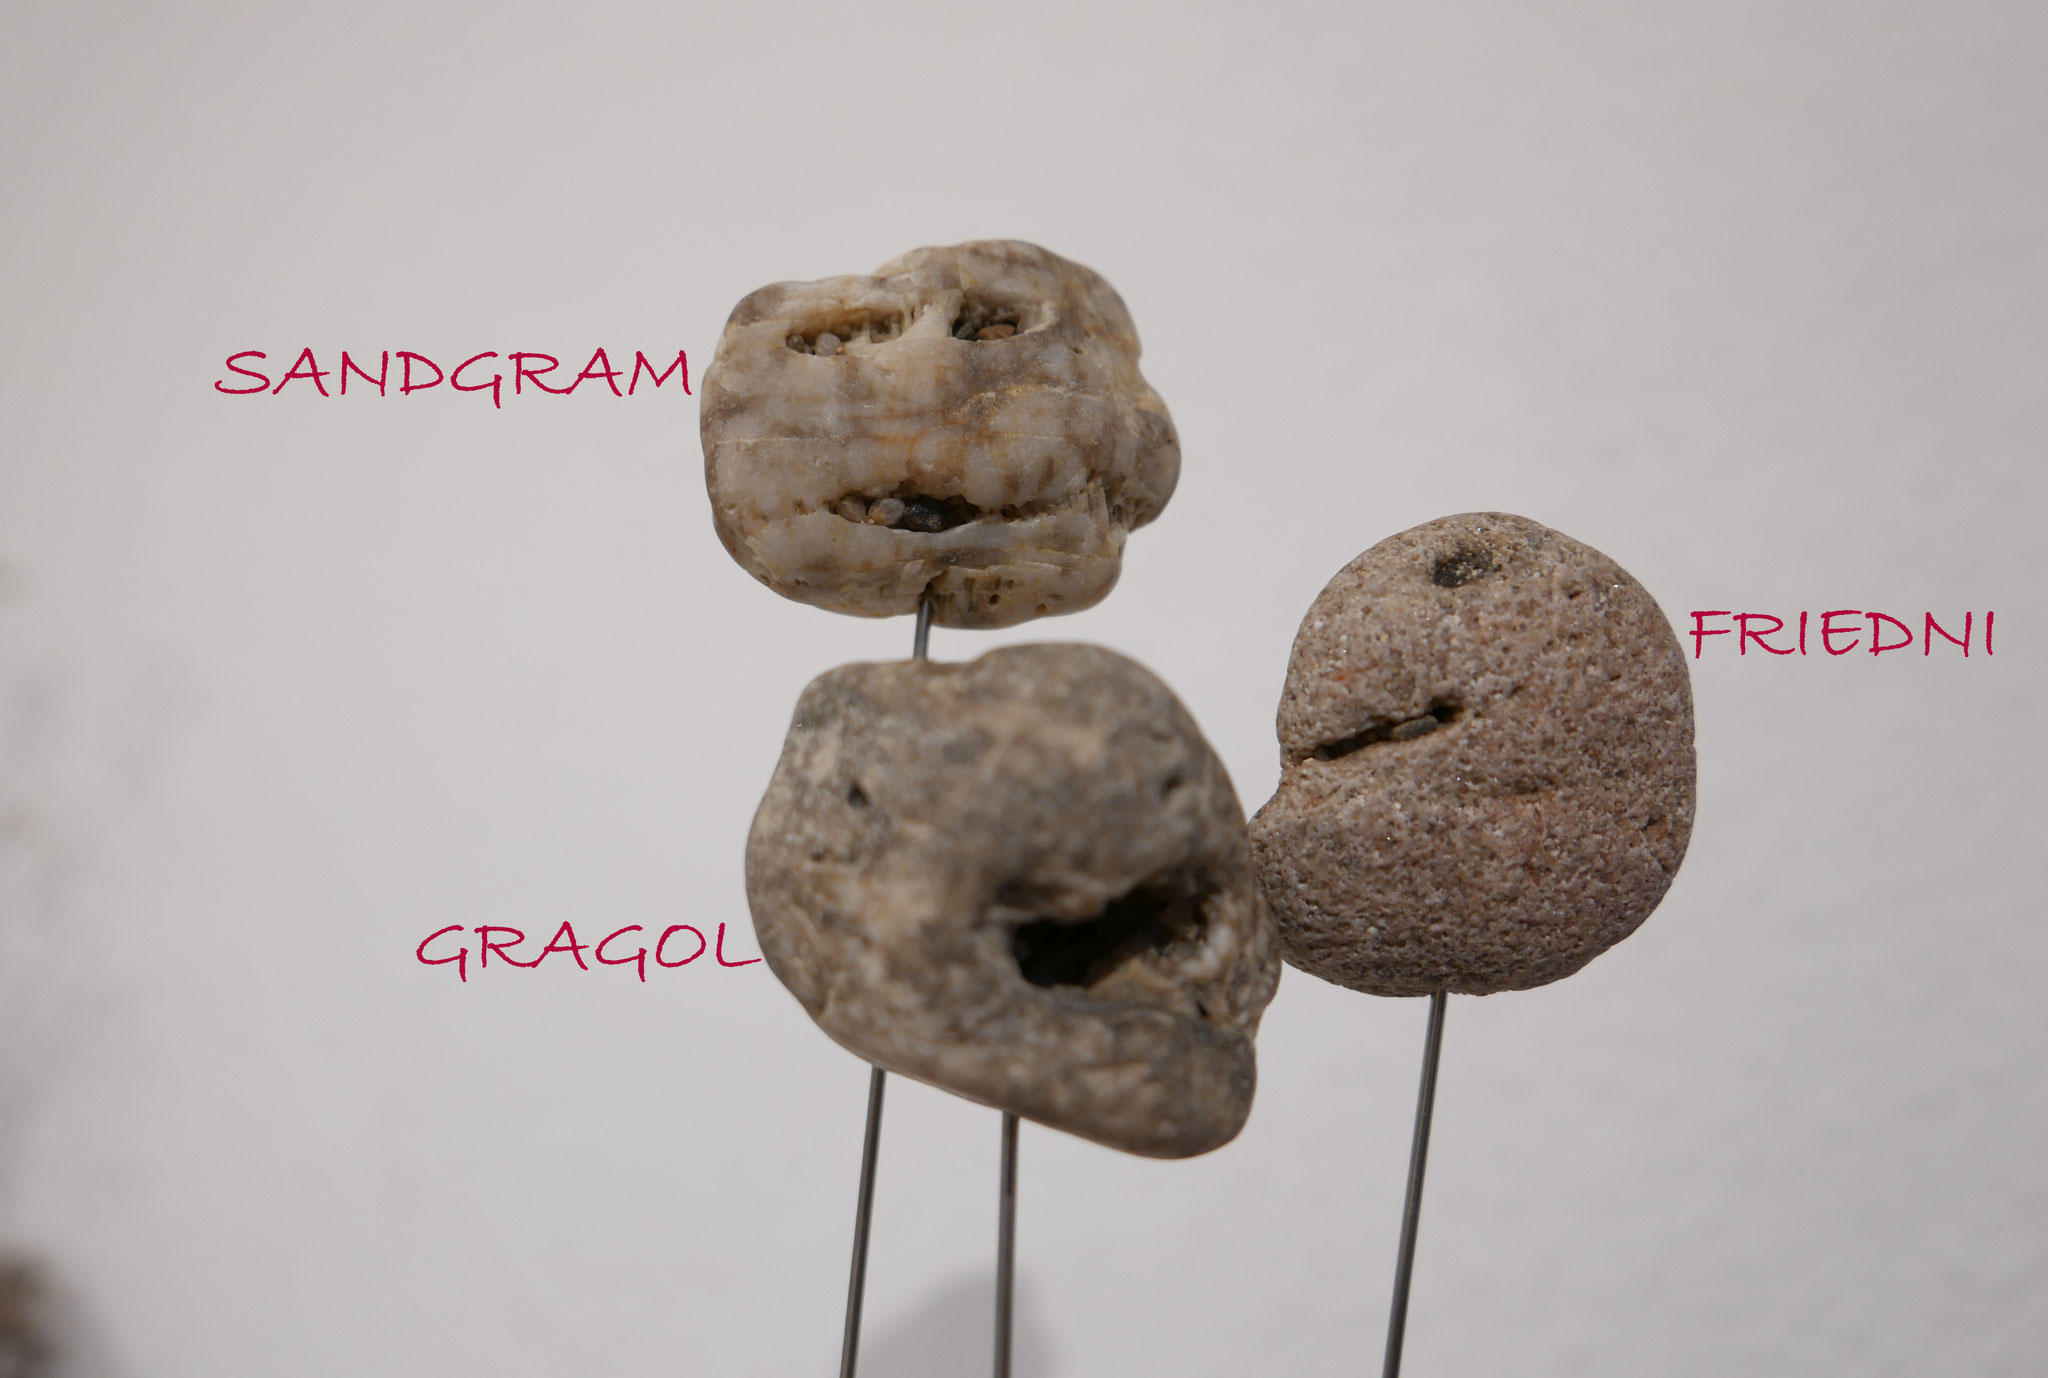 Sandgram, Gragol und Friedni, die drei RHEINTROLLE sagen DANKE für den schönen Nachmittag mit den KiRaKa Reportern!